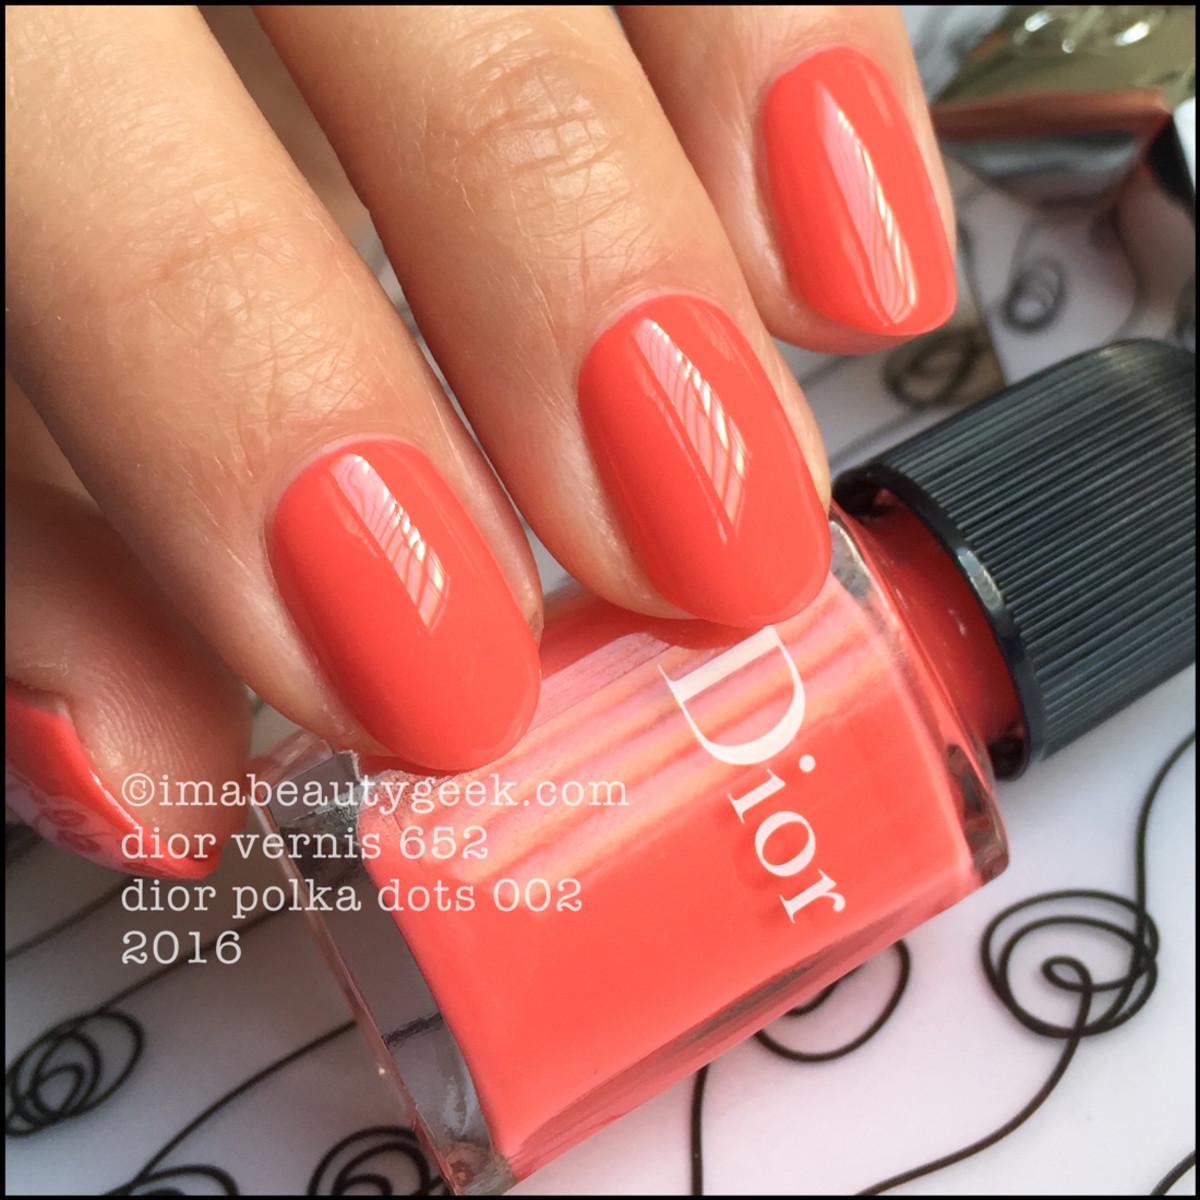 Dior Polka Dots 002_Dior Vernis 652 Summer 2016